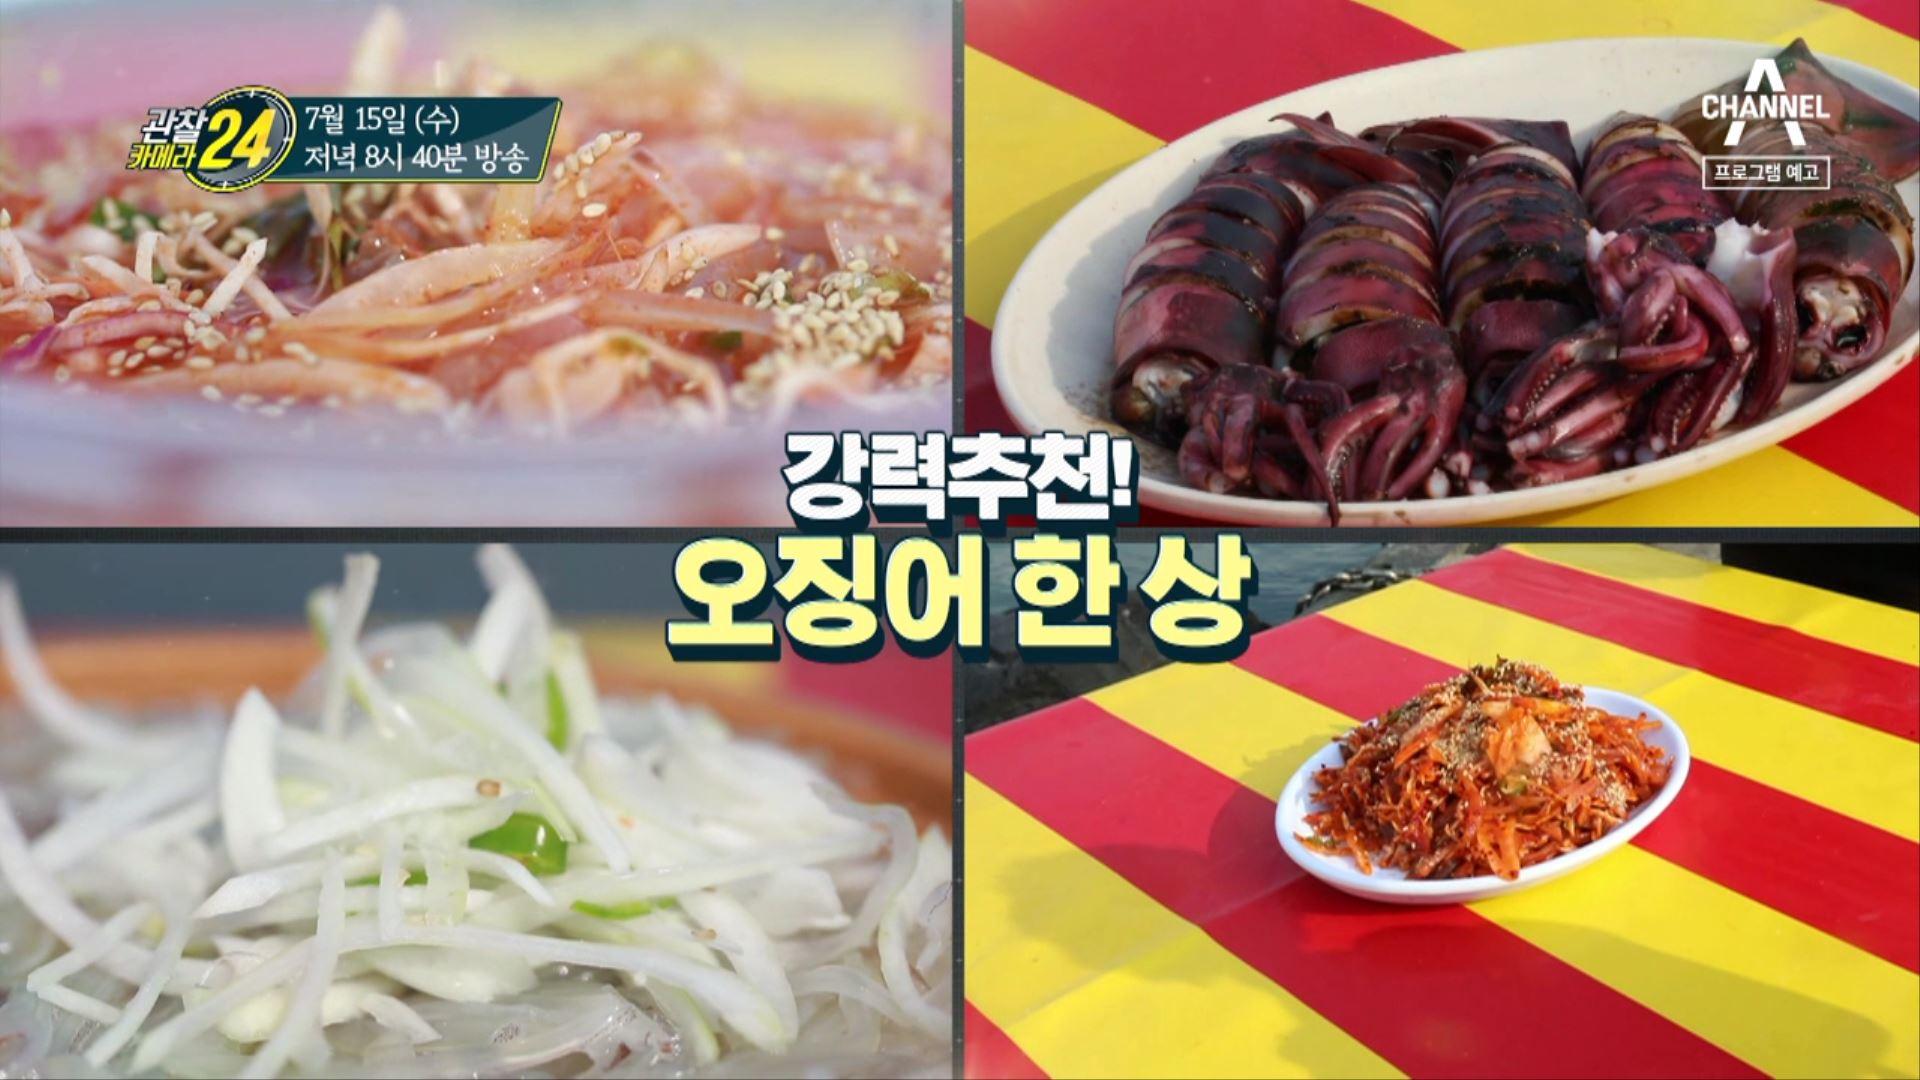 [예고] 7년 만의 컴백! 동해 오징어가 풍년이오~